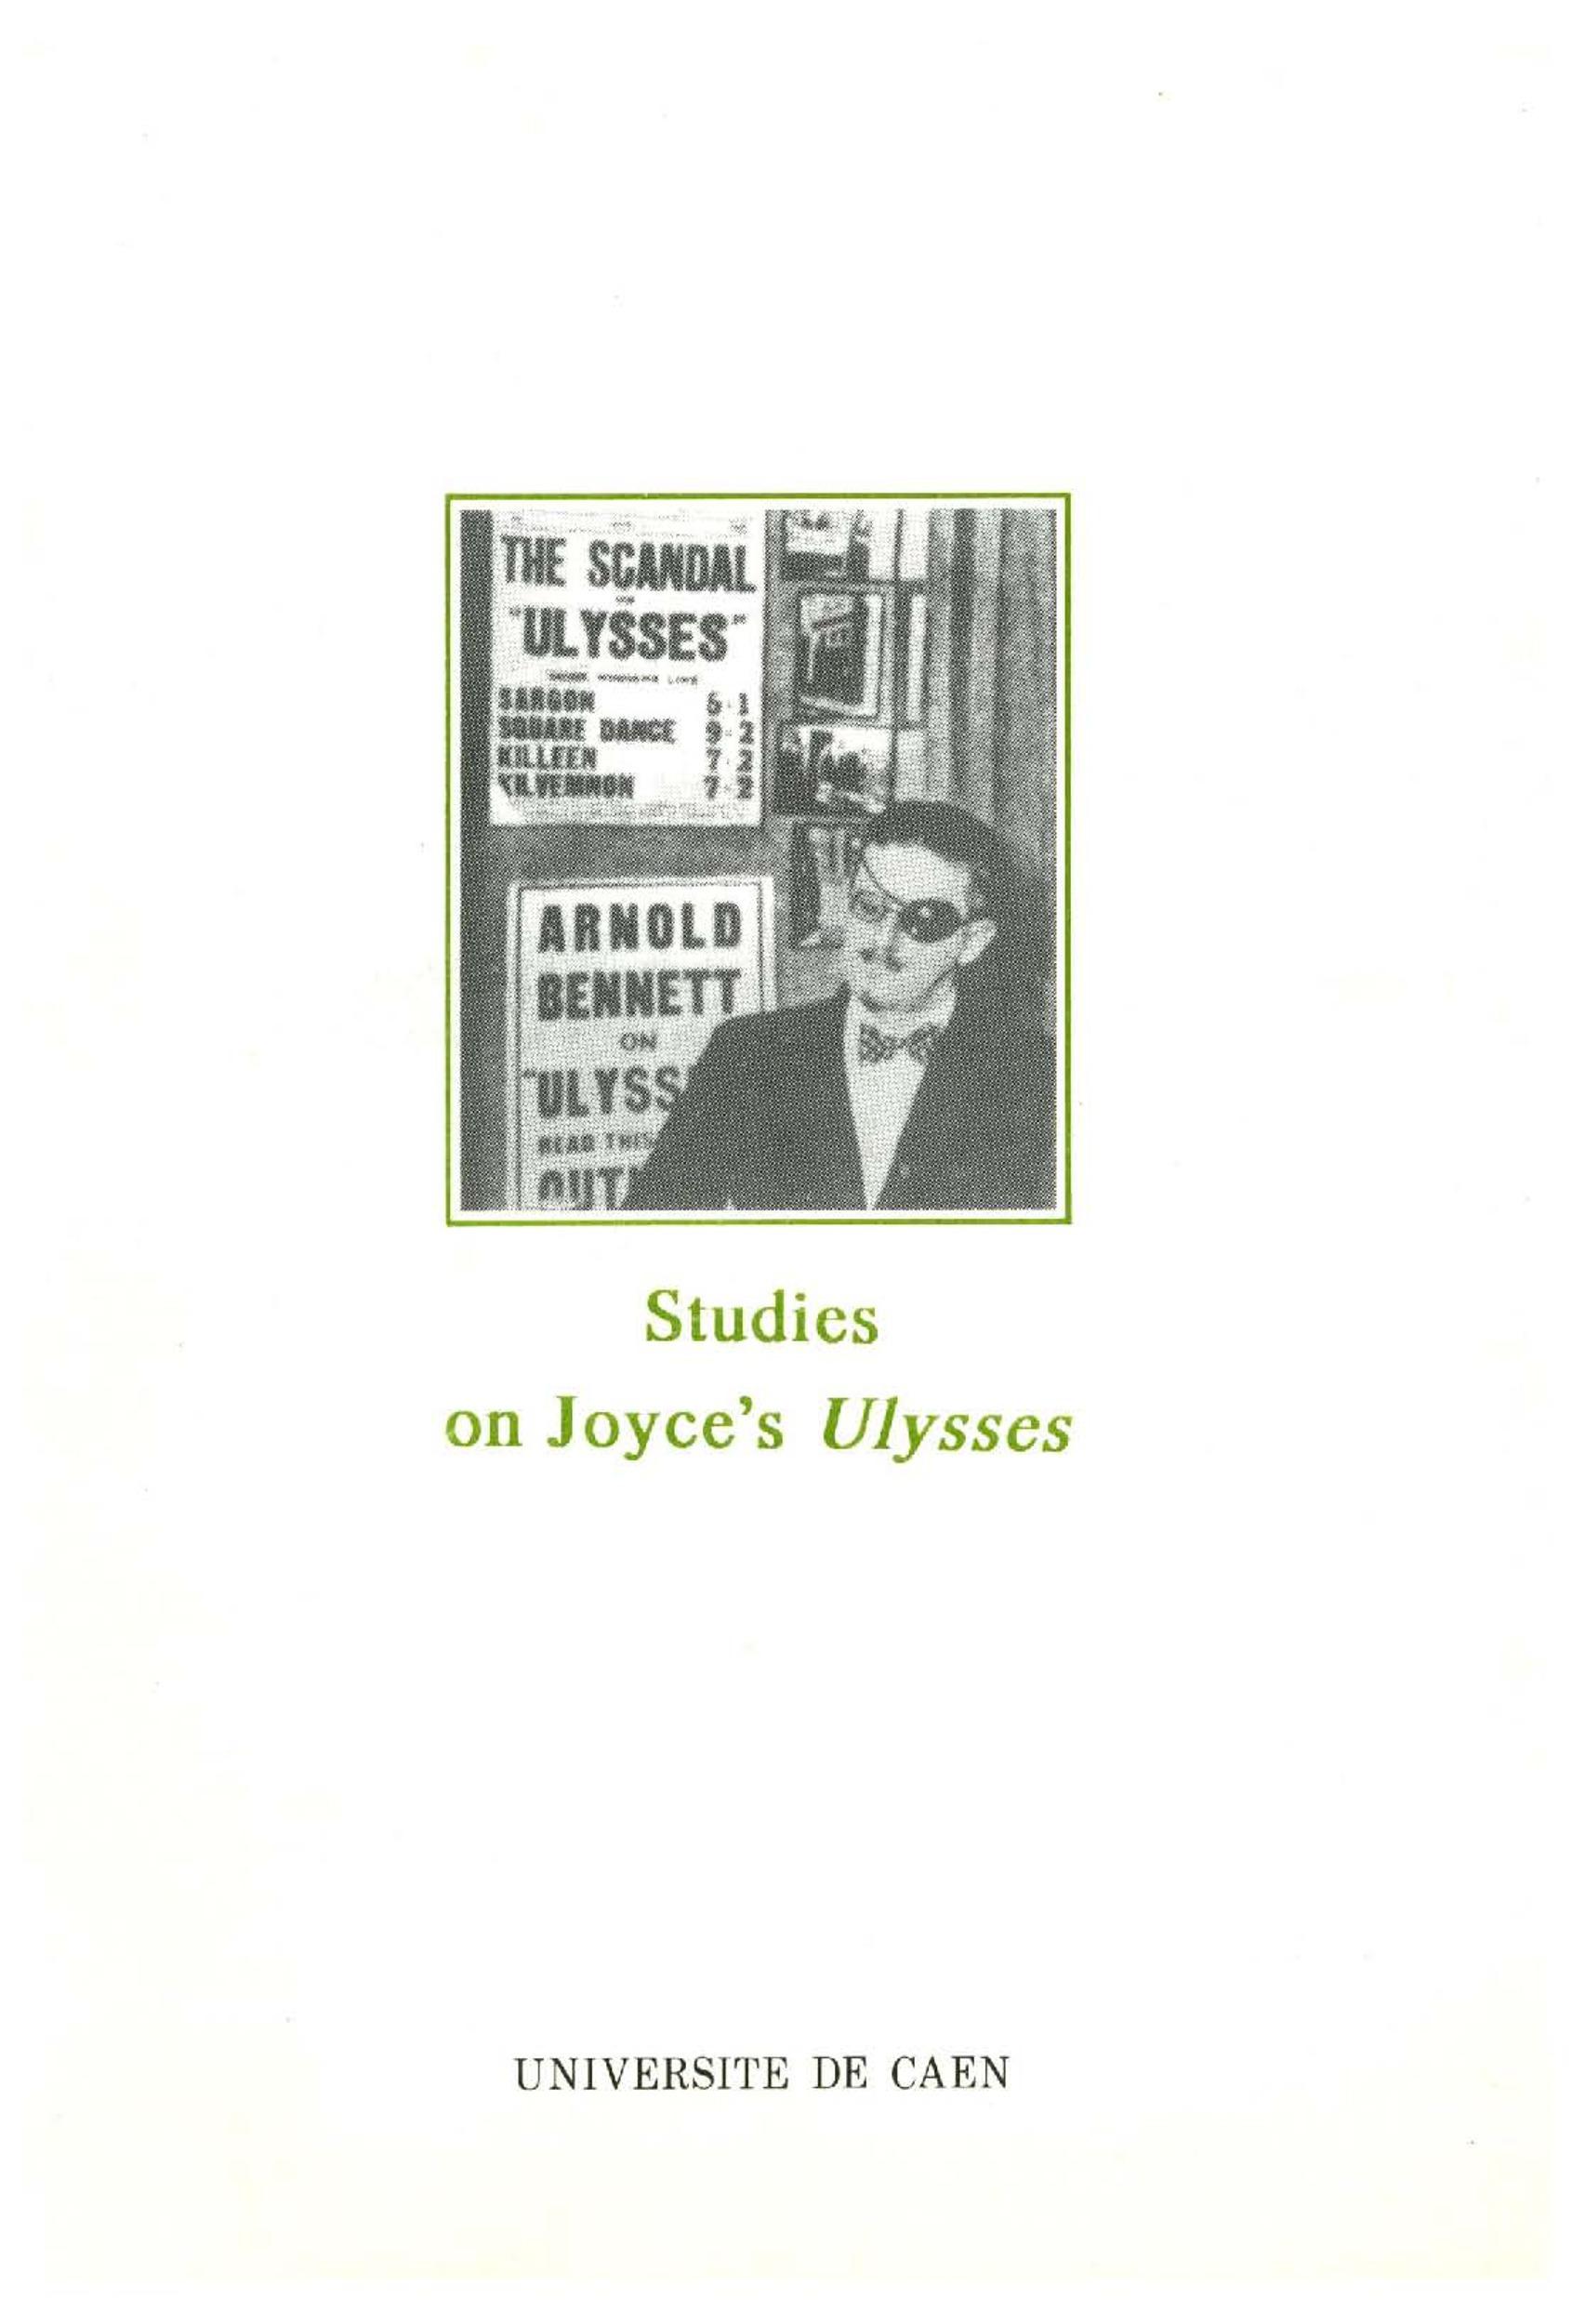 Studies on joyce' s ulysses